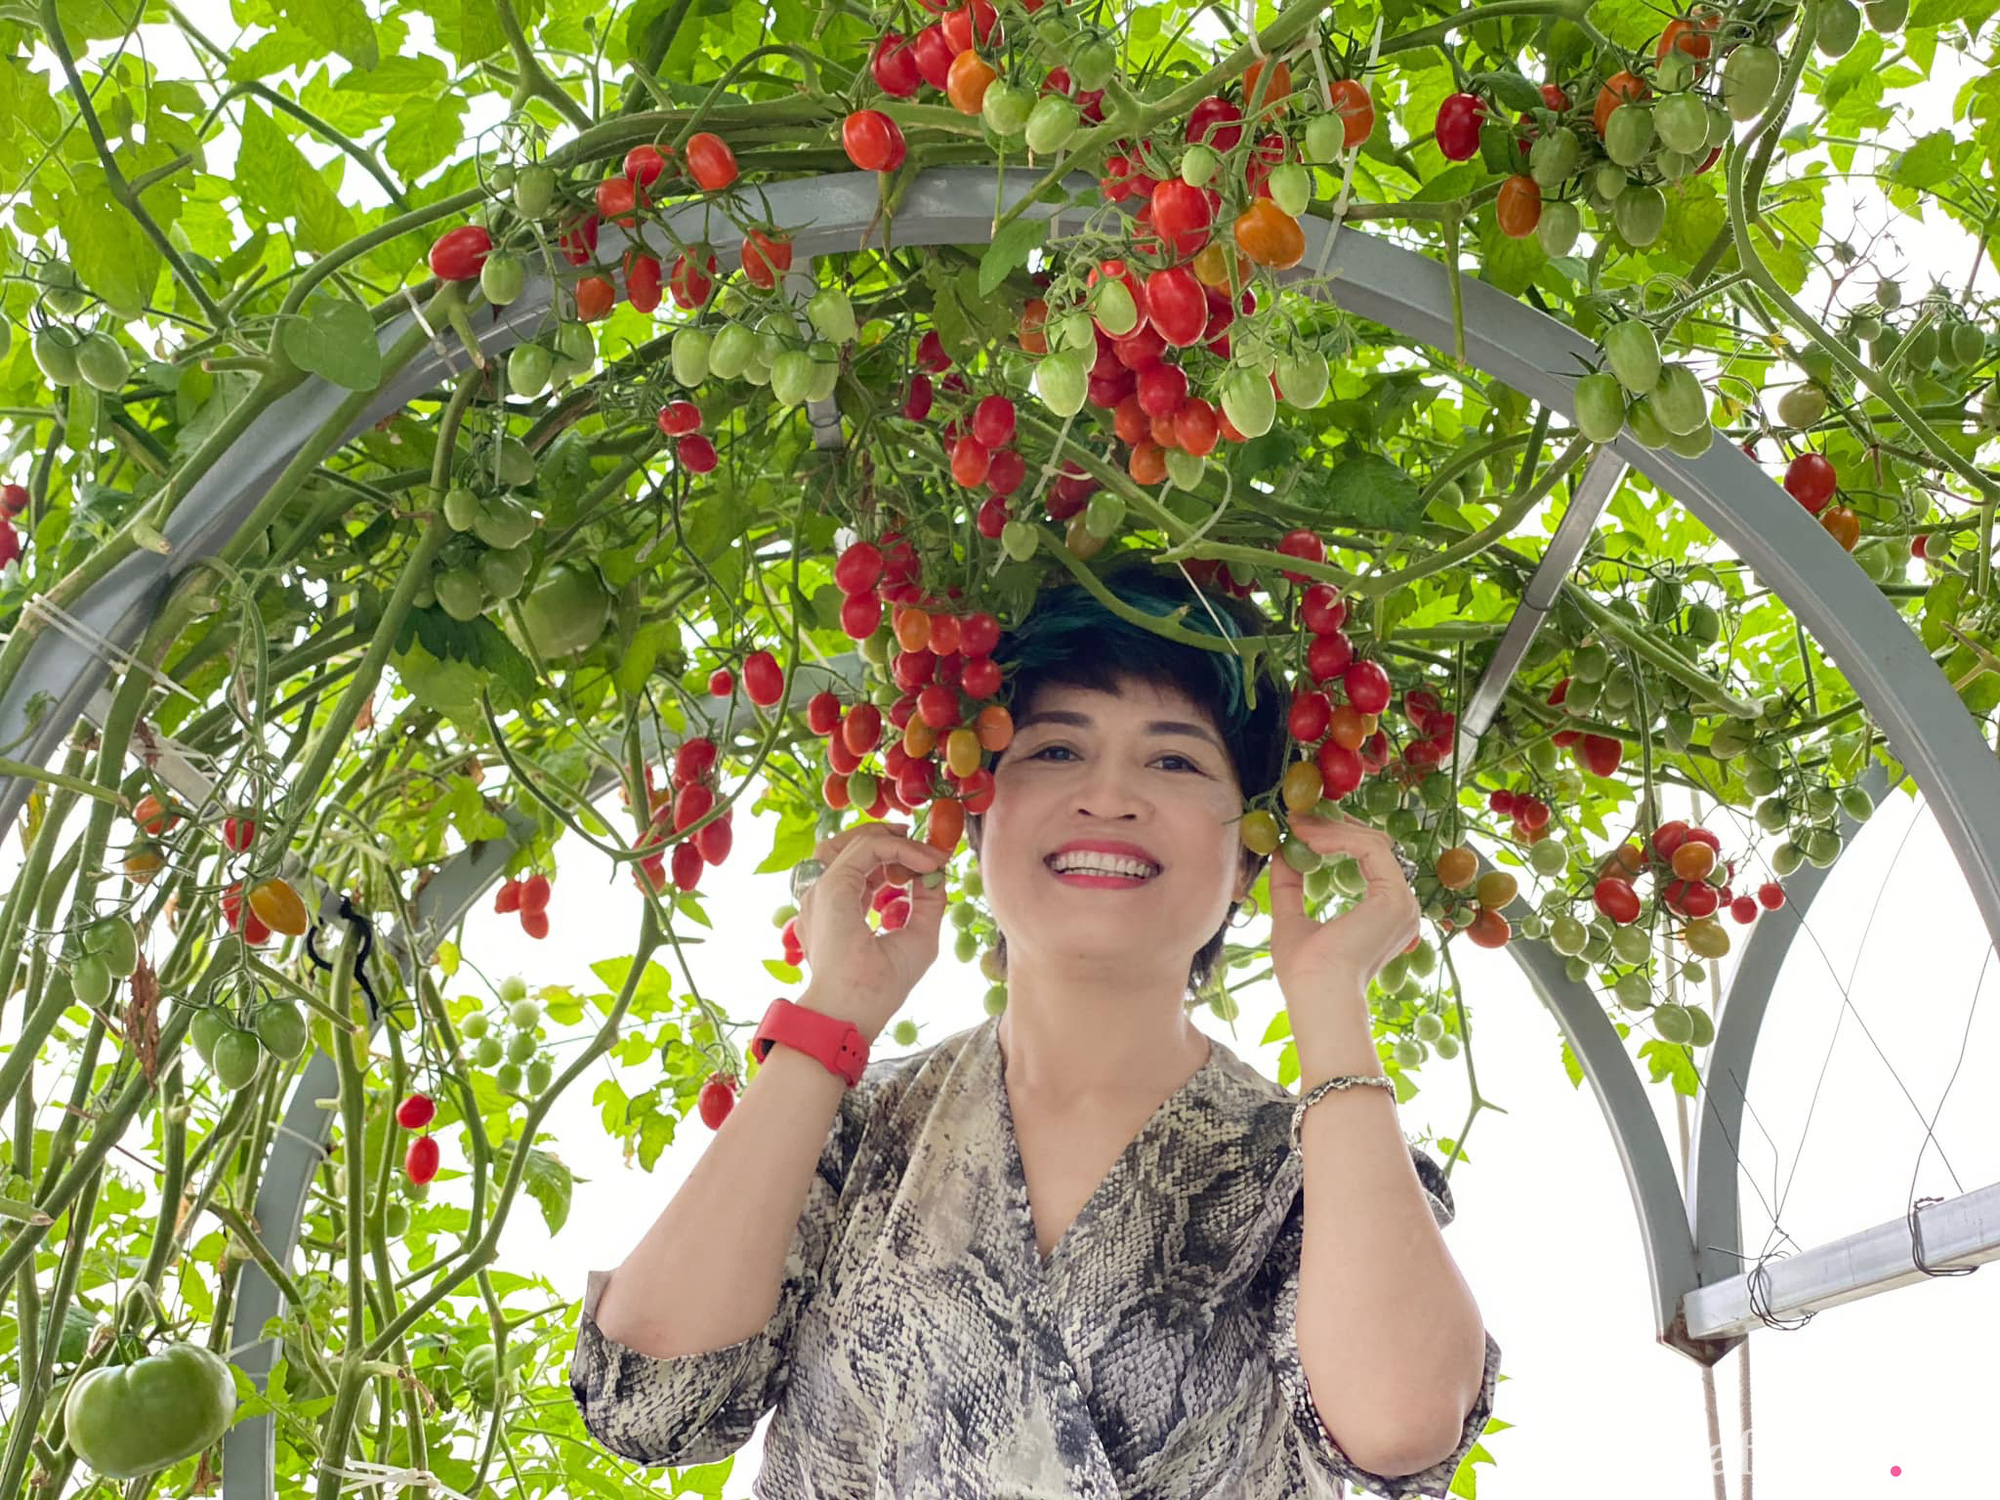 Giãn cách không ra khỏi nhà vẫn đủ rau quả thưởng thức nhờ vườn cây xanh um trên sân thượng ở Đà Nẵng - Ảnh 1.